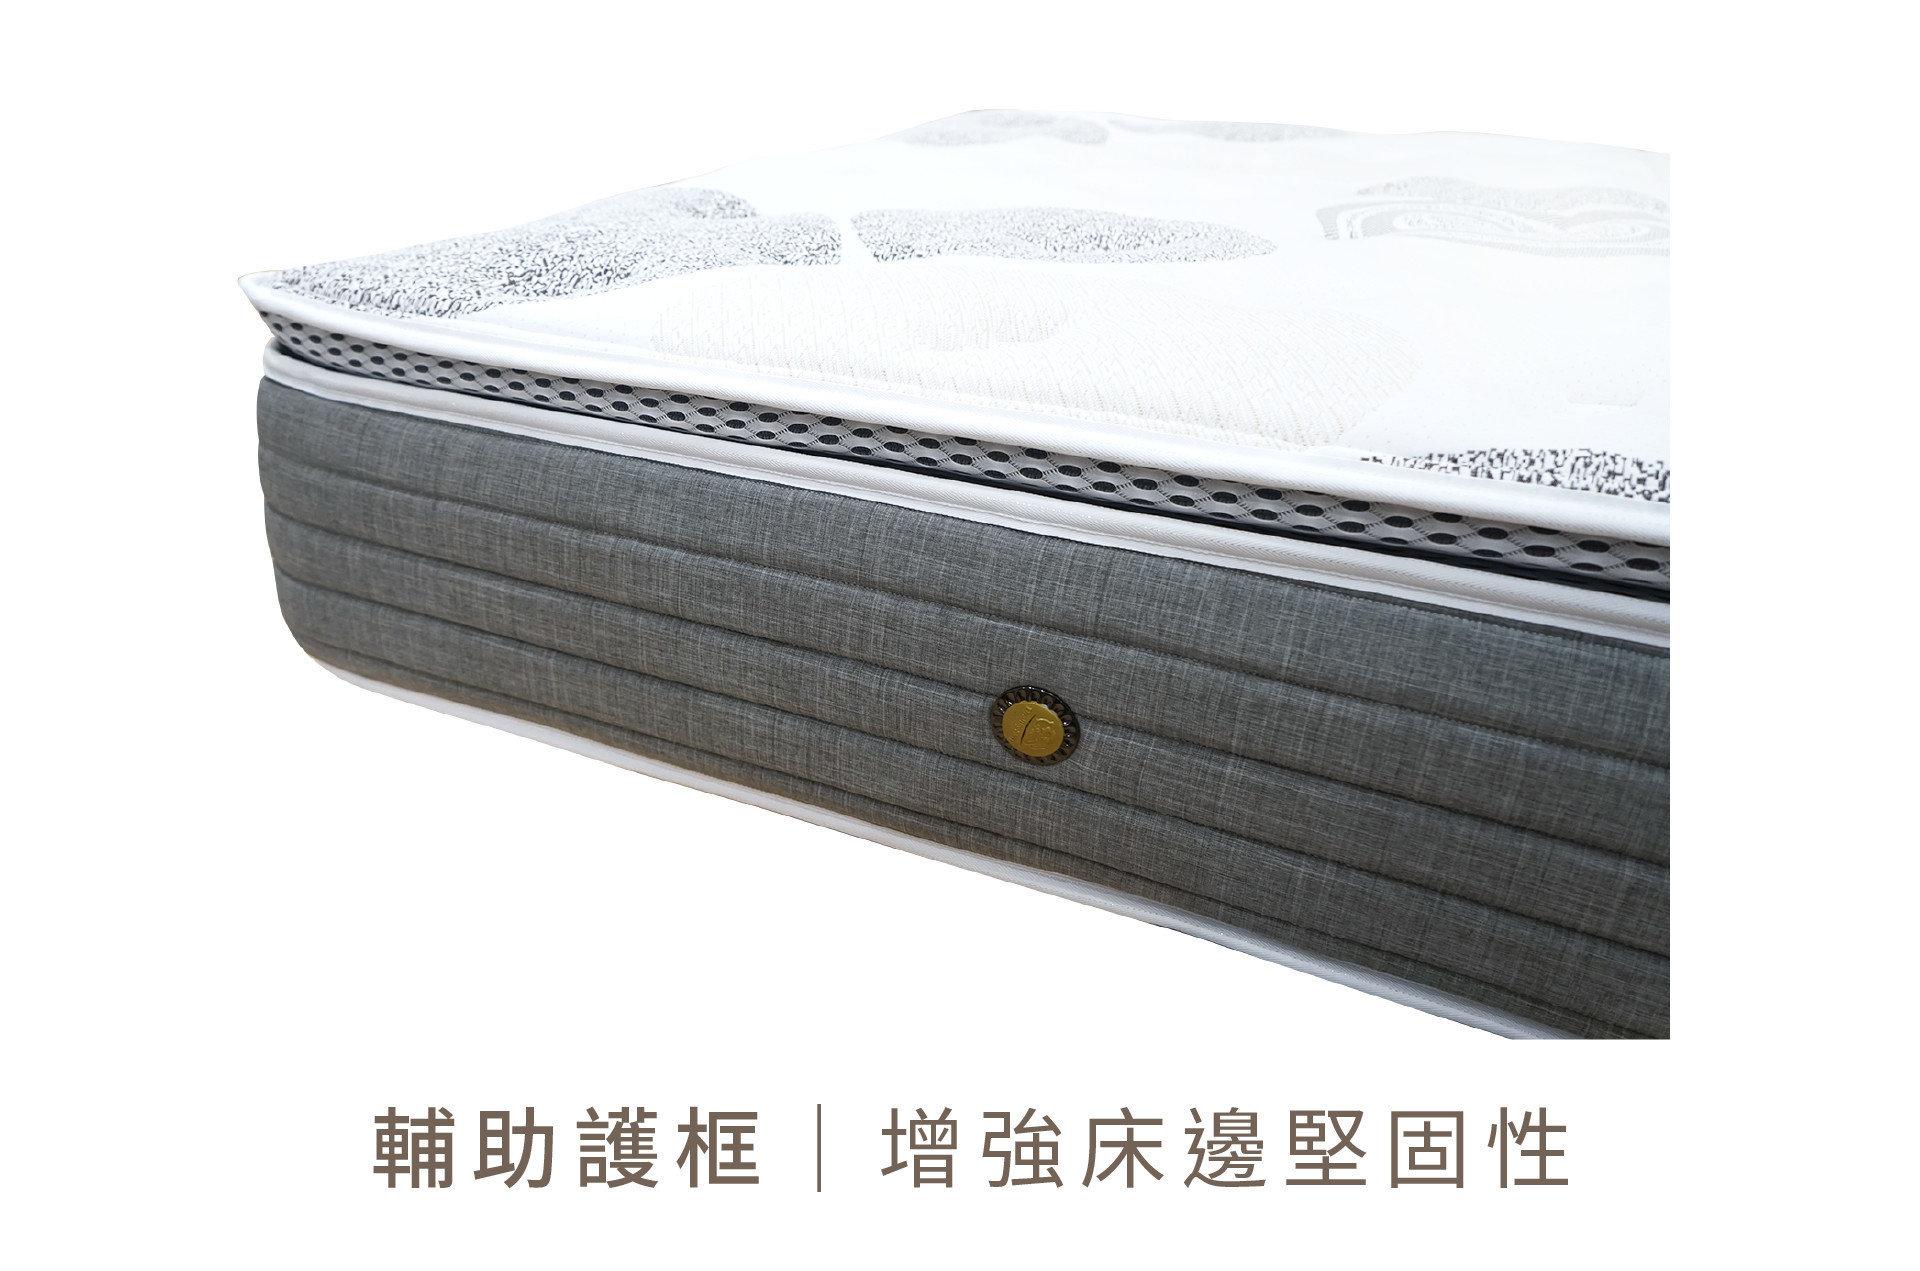 【歐文 三段式護背防蚊床】床沿加裝護框設計,增加兼顧性,上下床更安心!